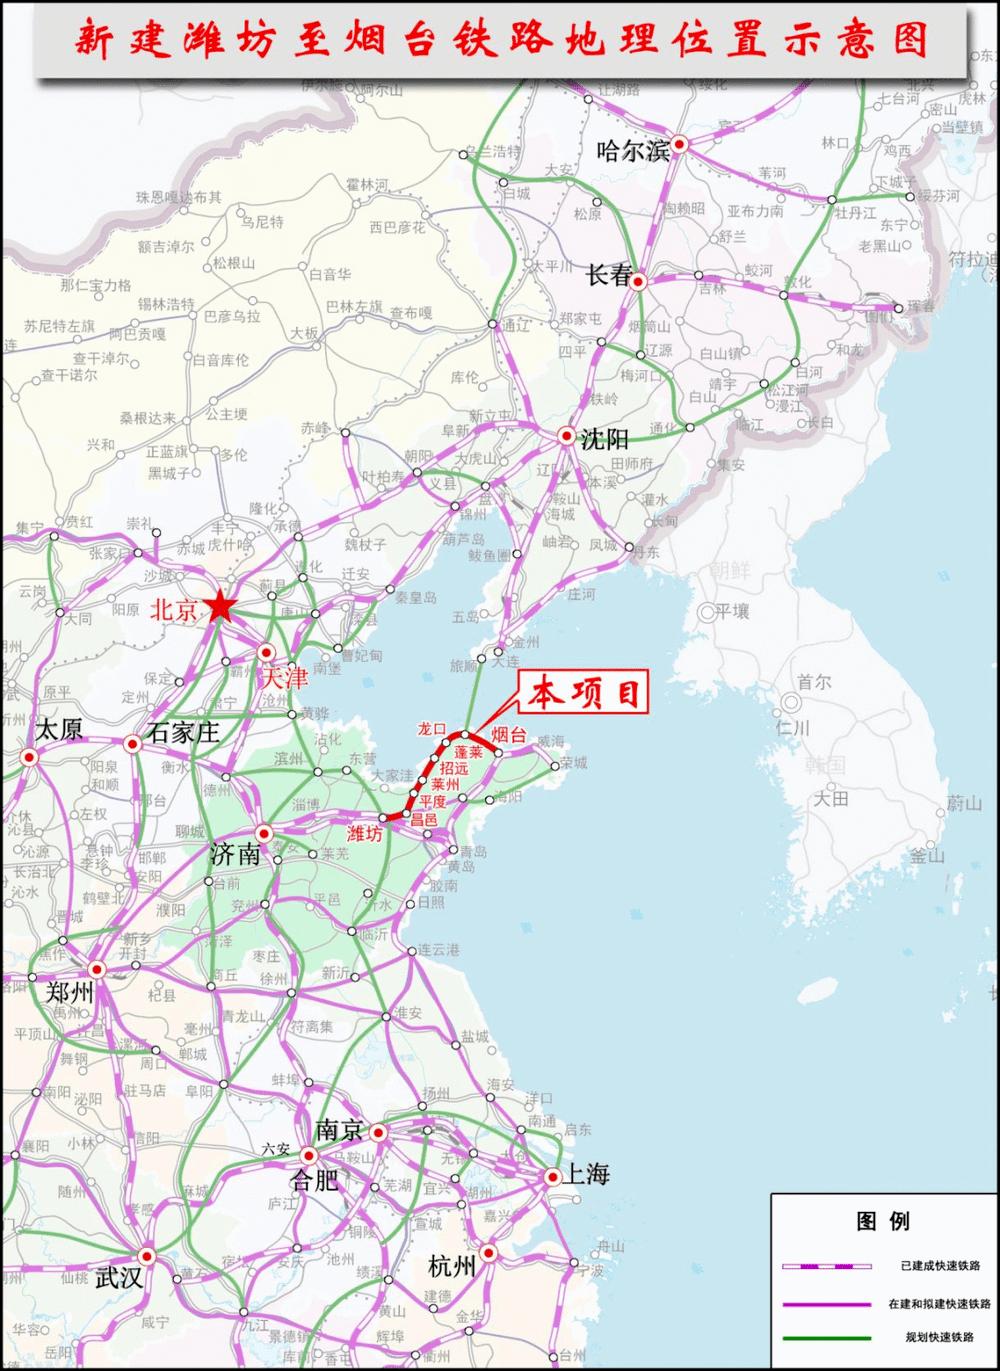 中国高铁图片